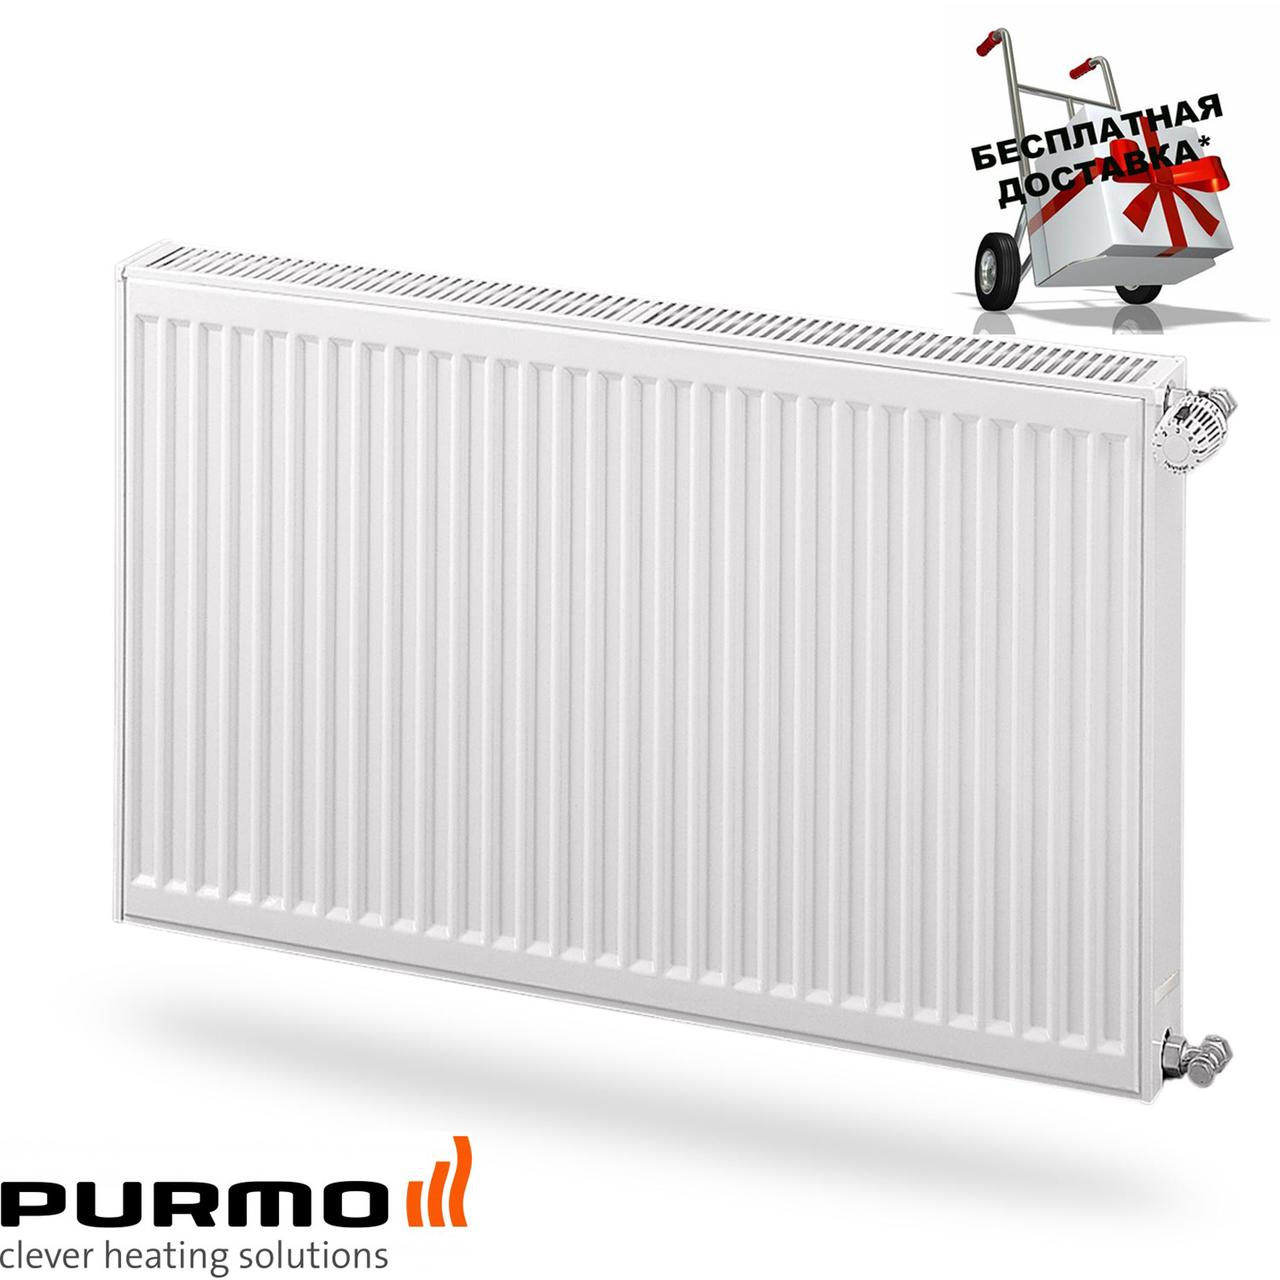 Стальной (панельный) радиатор PURMO Compact т22 600x800 боковое подключение